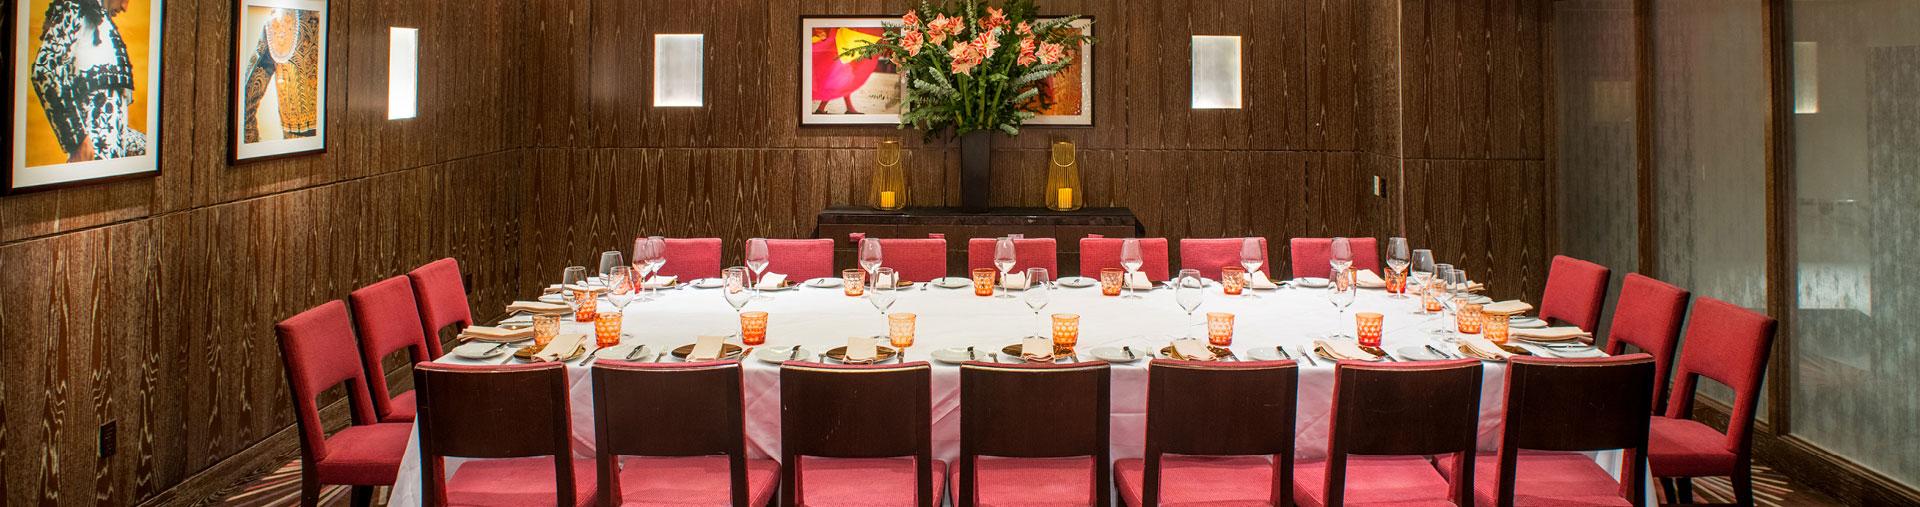 La Fonda del Sol's private dining room event space in NYC